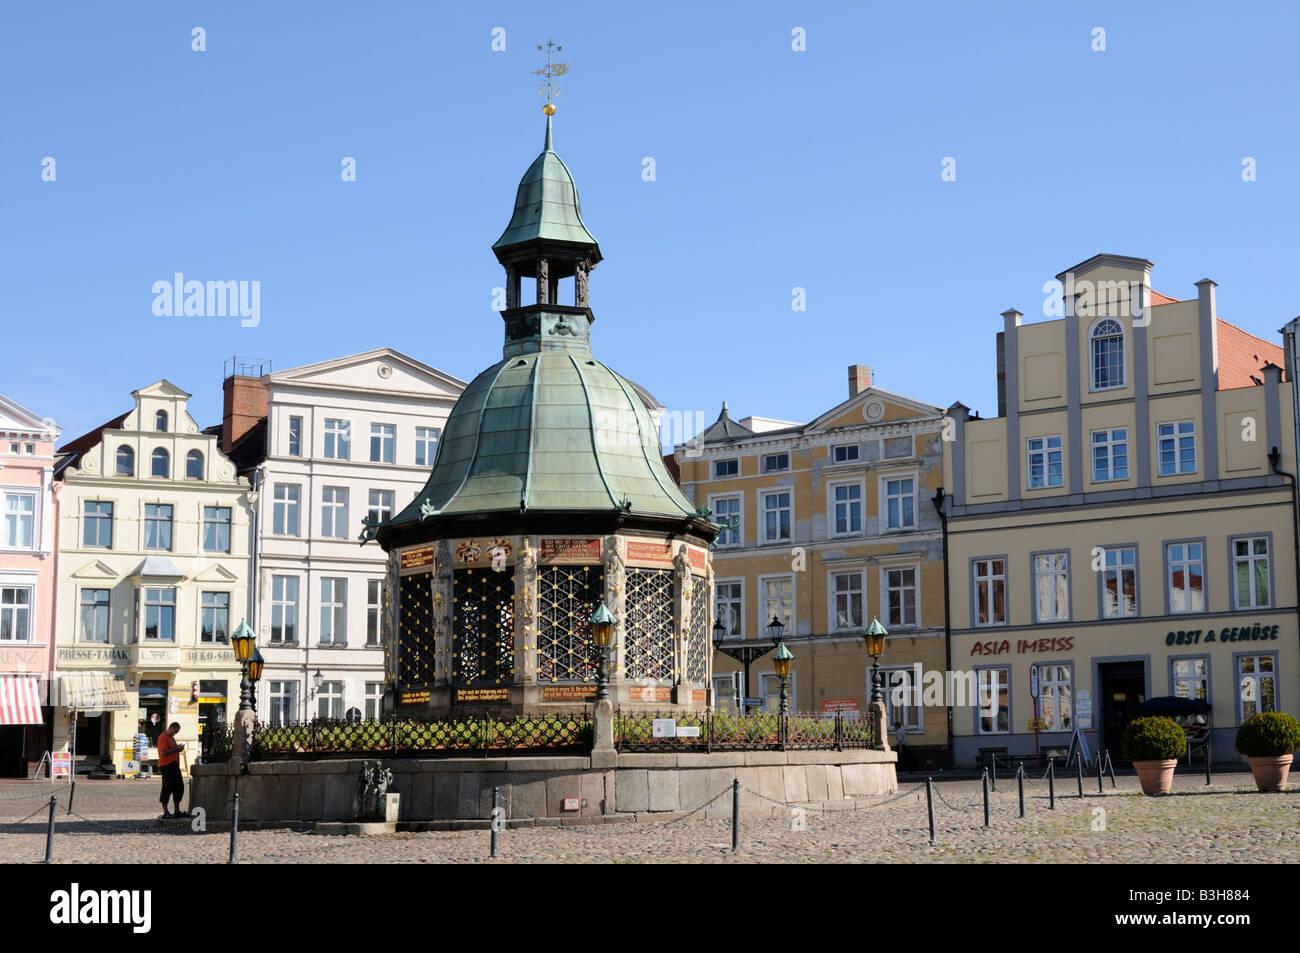 Wasserkunst in Wismar Mecklenburg Vorpommern Deutschland Wasserkunst in Wismar Mecklenburg Western Pomerania Germany Stock Photo